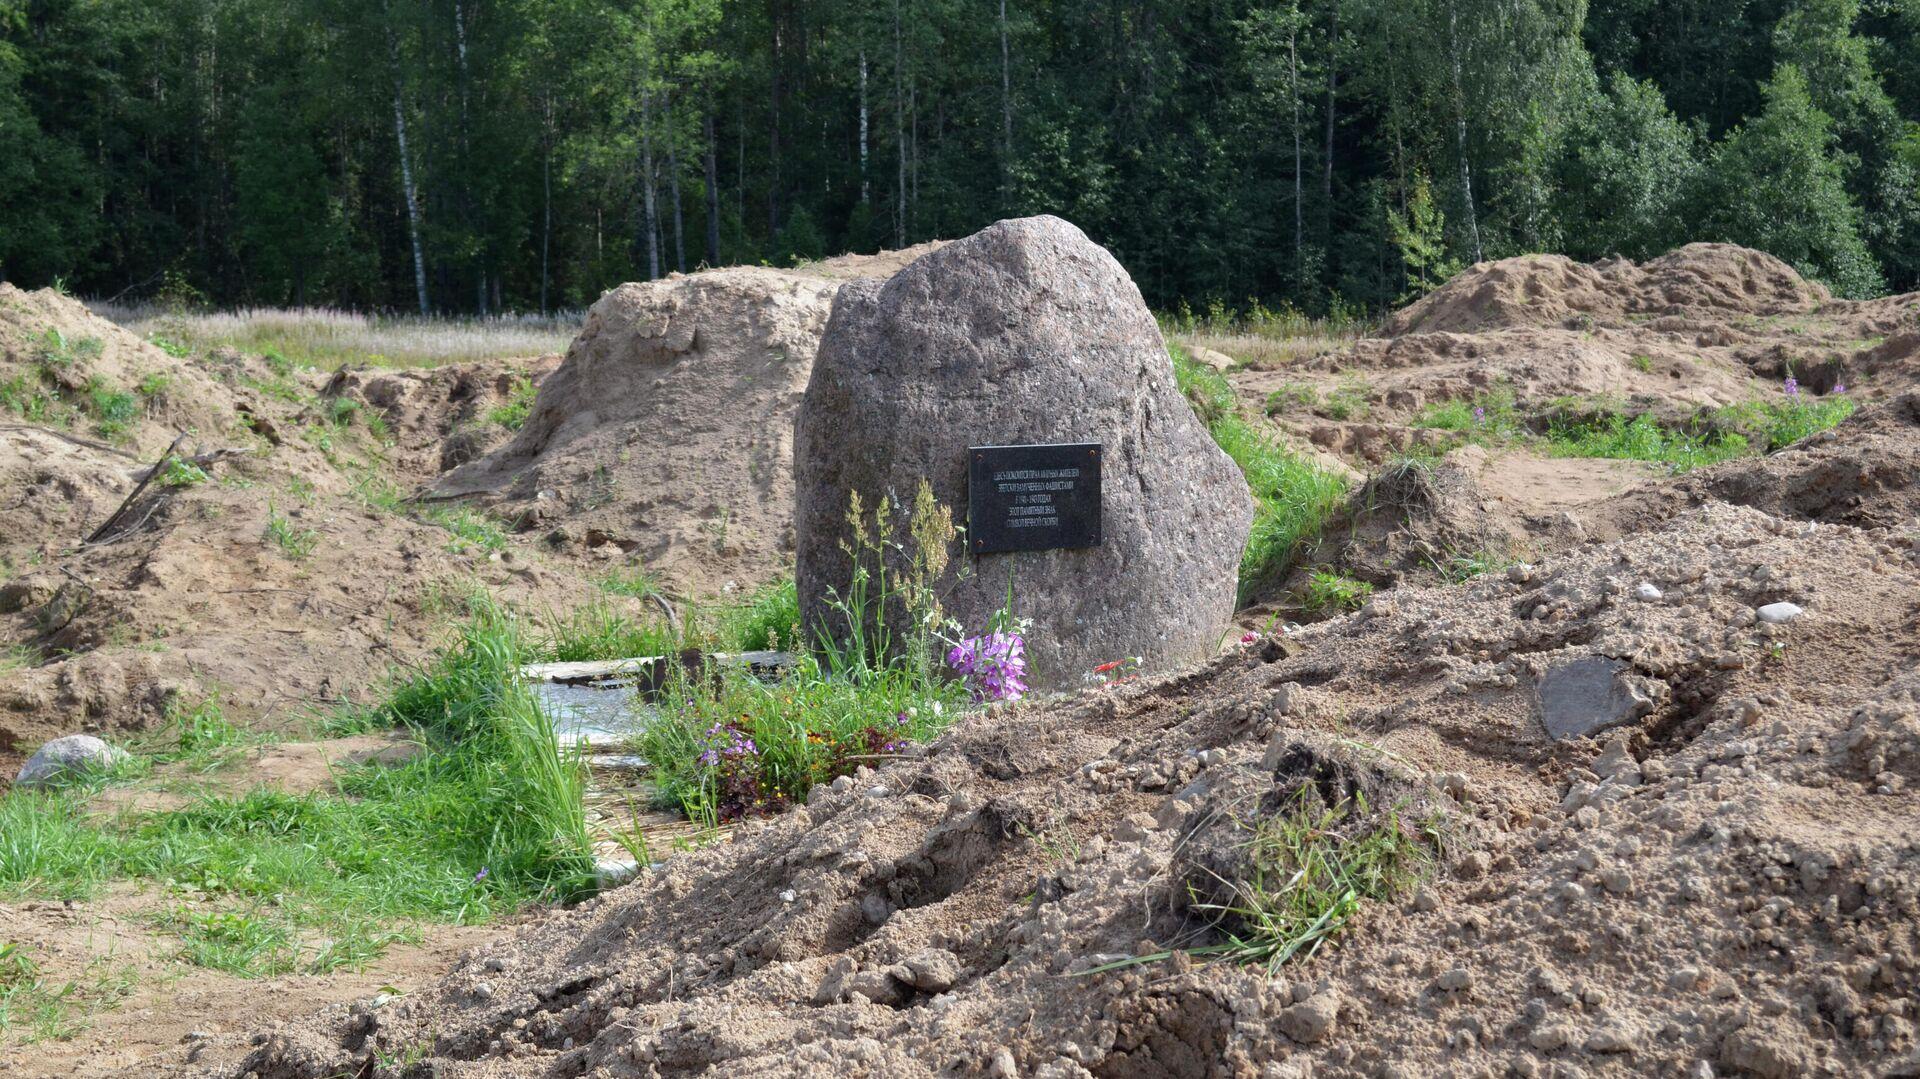 Место раскопок в районе деревни Жестяная Горка, где следователи обнаружили около 500 тел жертв латвийских карателей - РИА Новости, 1920, 27.10.2020